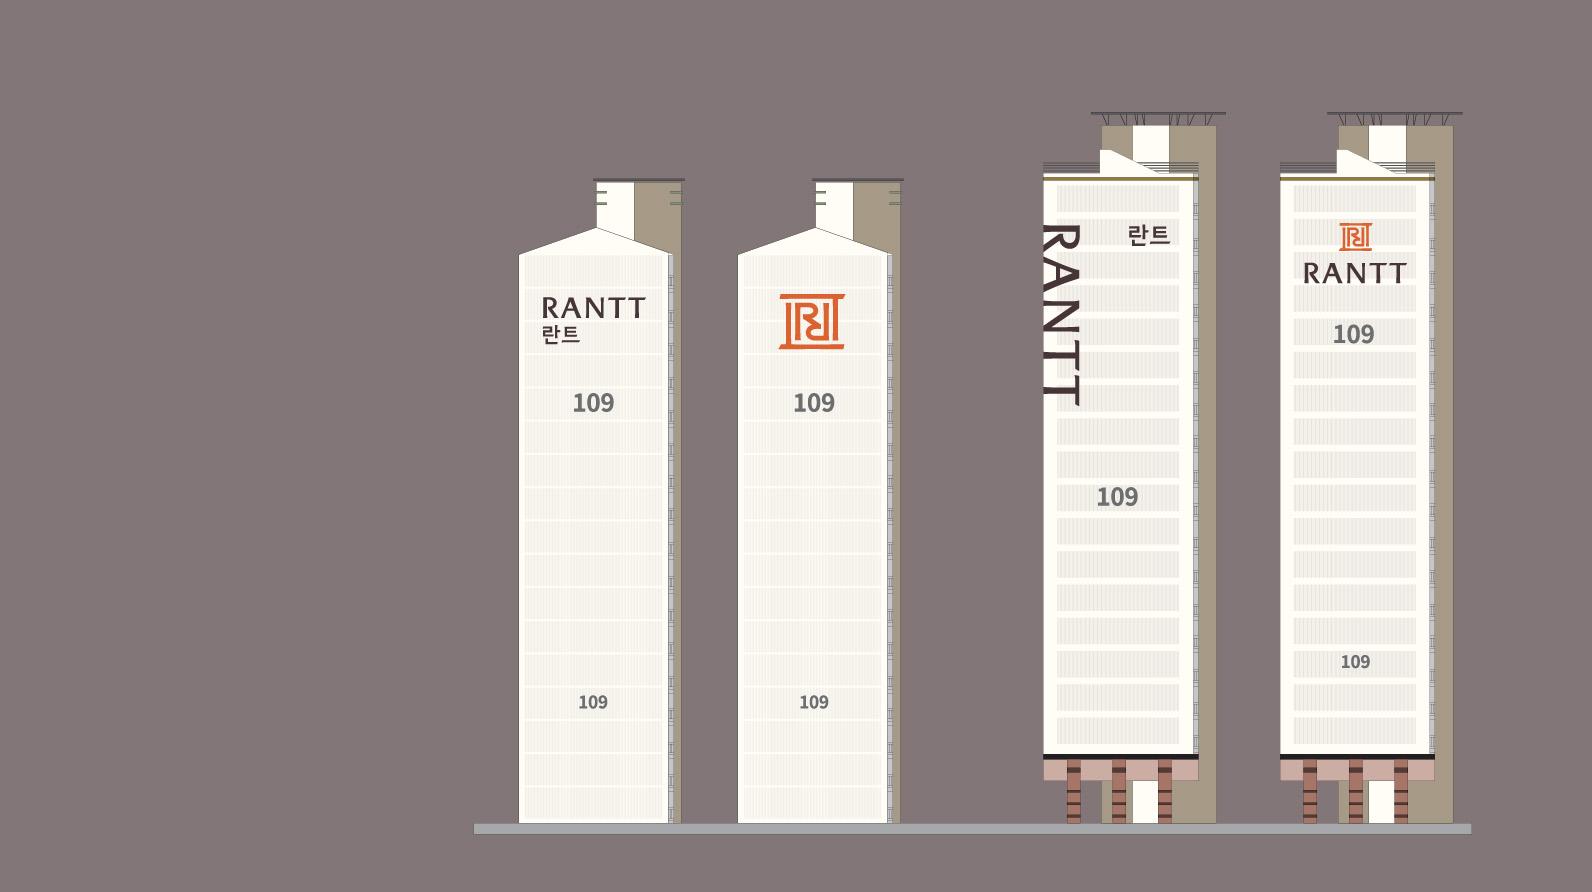 rantt04.jpg